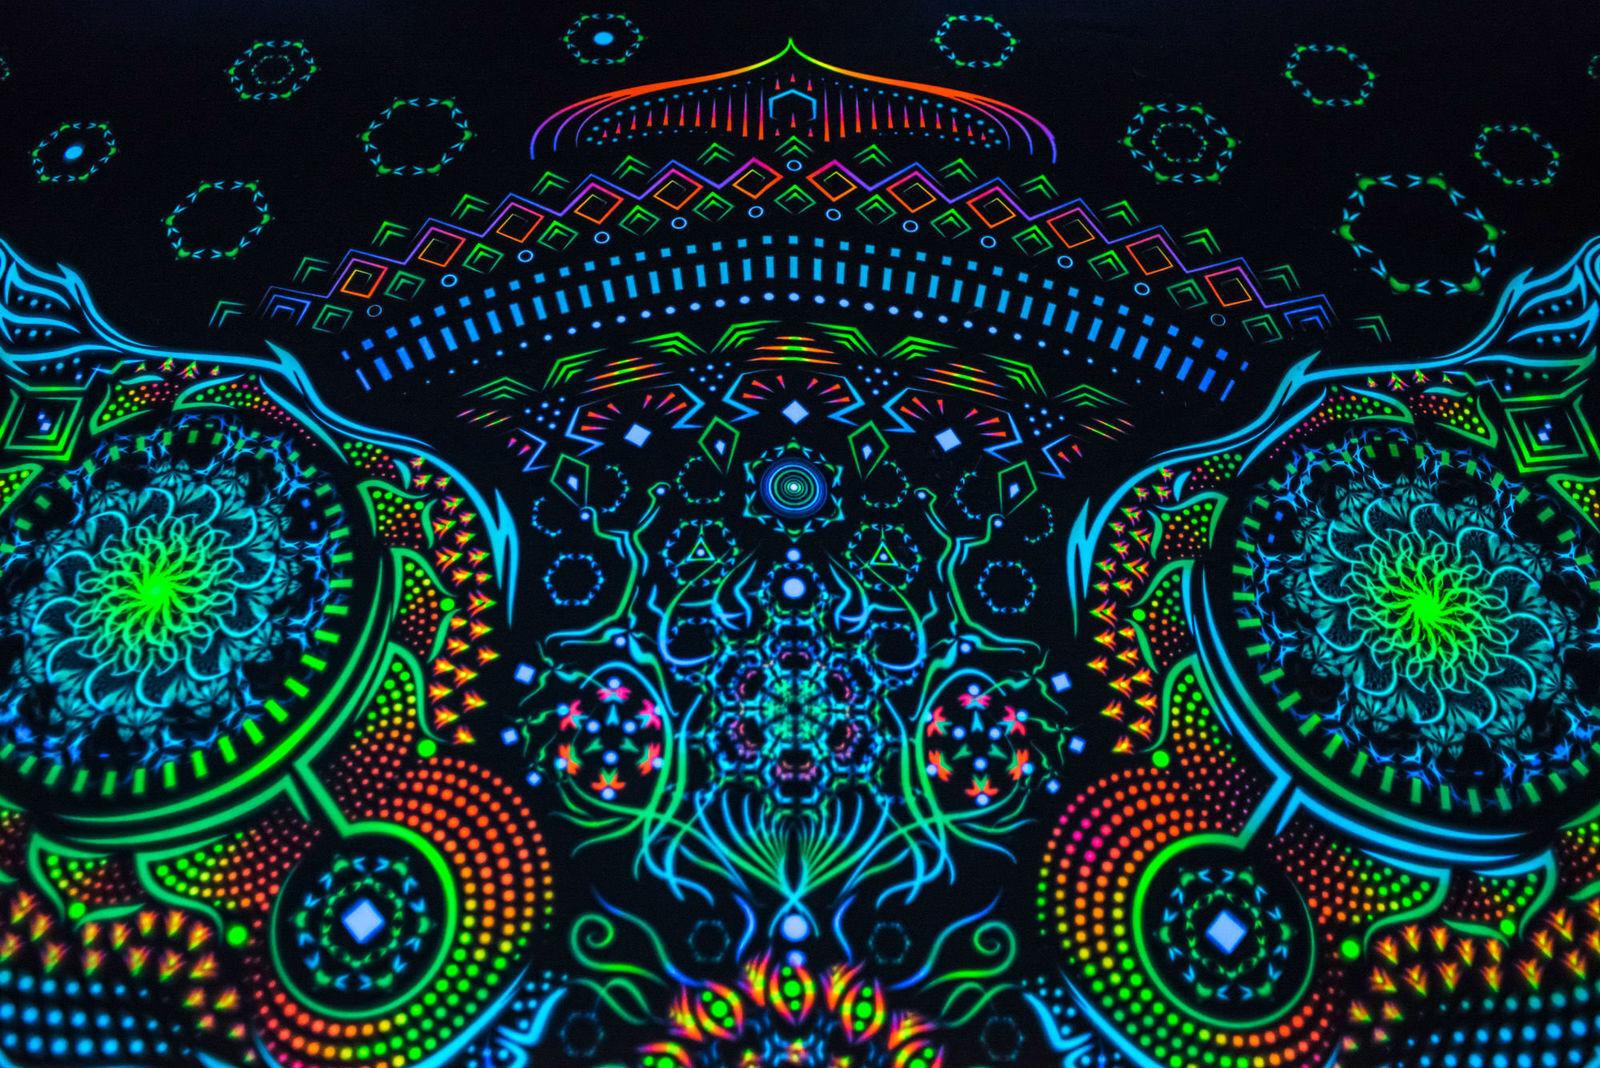 Sfondo UV Fluorescenti Bagliore arazzo arazzo arazzo stendardo ARTE Psichedelica Psy Muro Appeso 124bb0